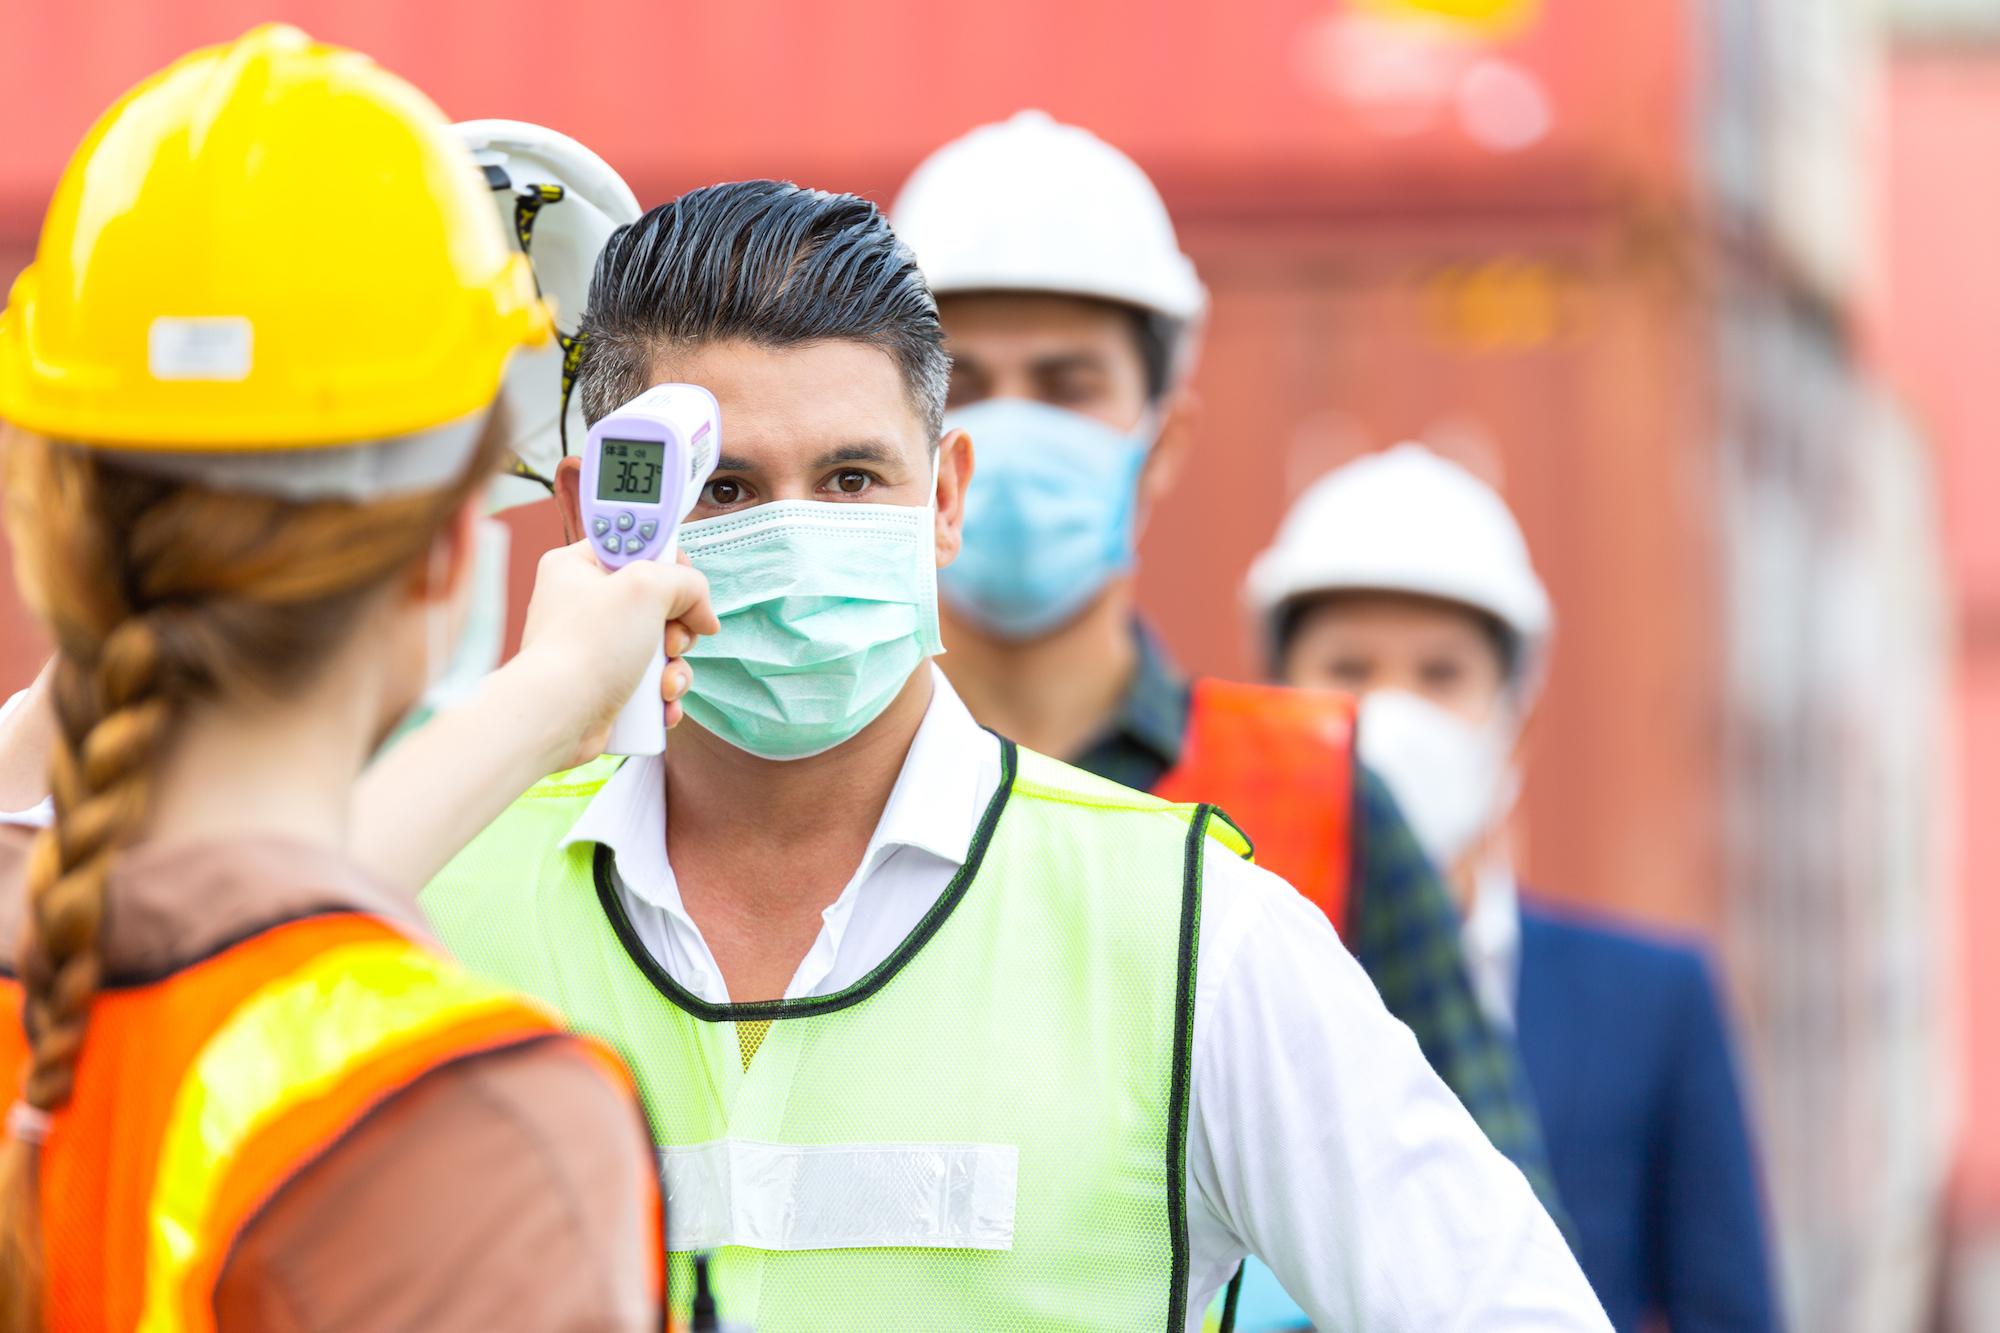 Pracodawcy mogą pomóc obcokrajowcom na kilka sposobów (fot. Shutterstock)